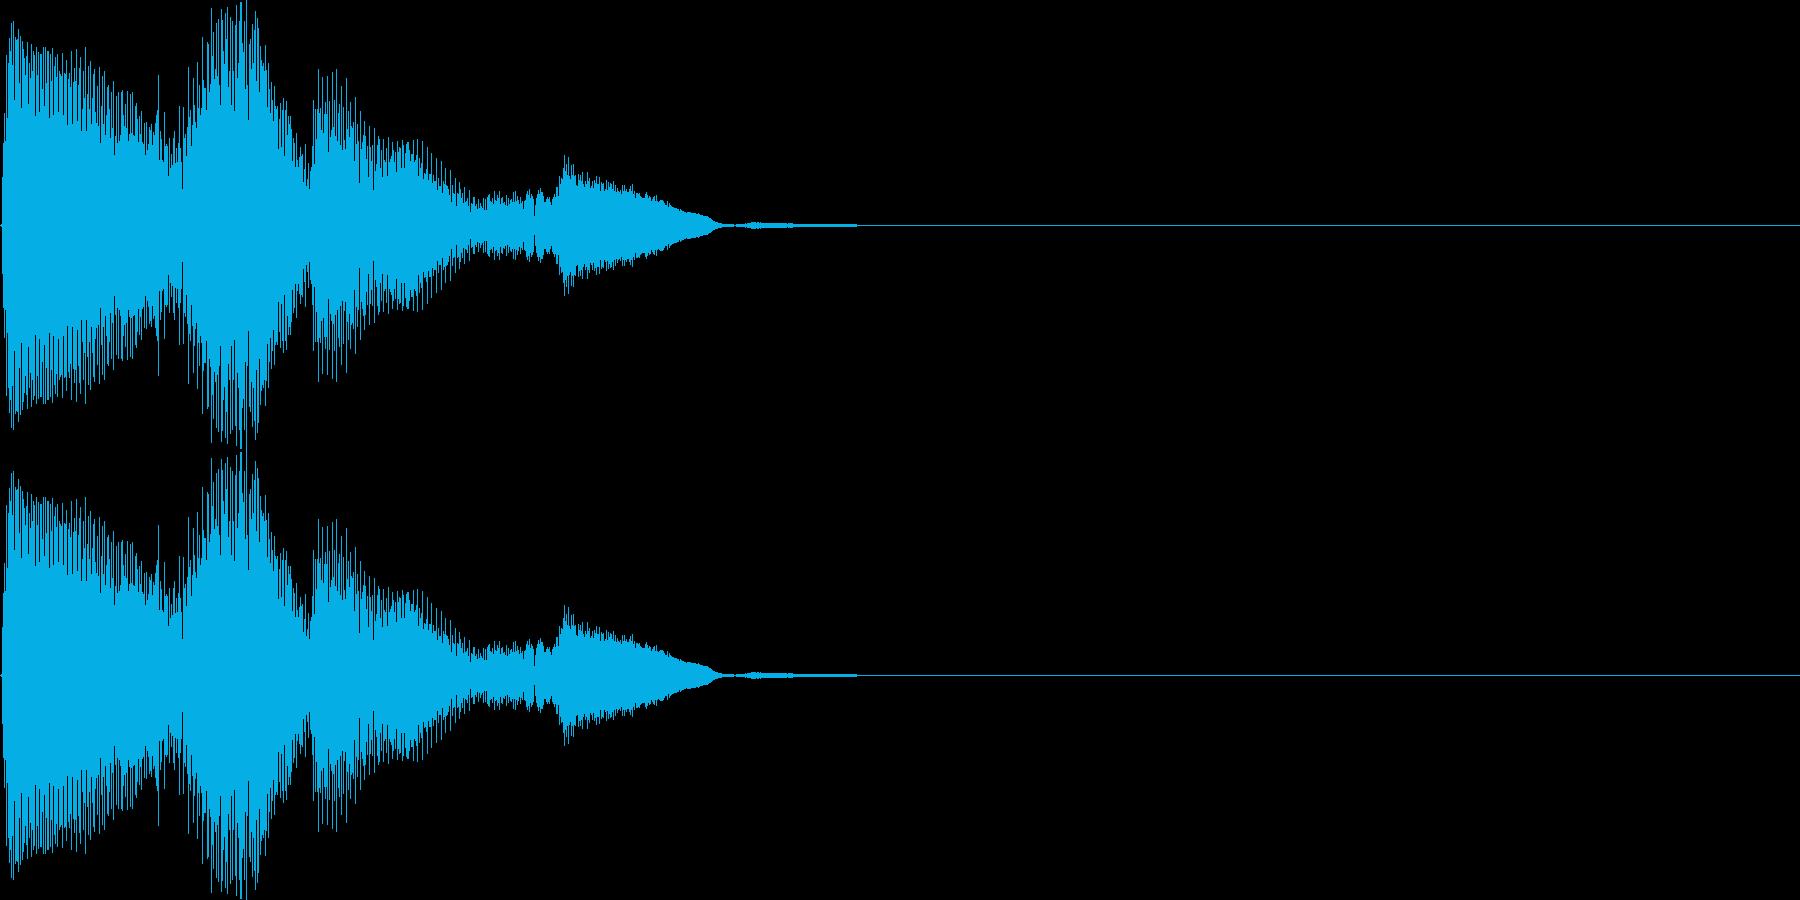 ピロリロン(決定、表示、ヒント、宝箱)の再生済みの波形